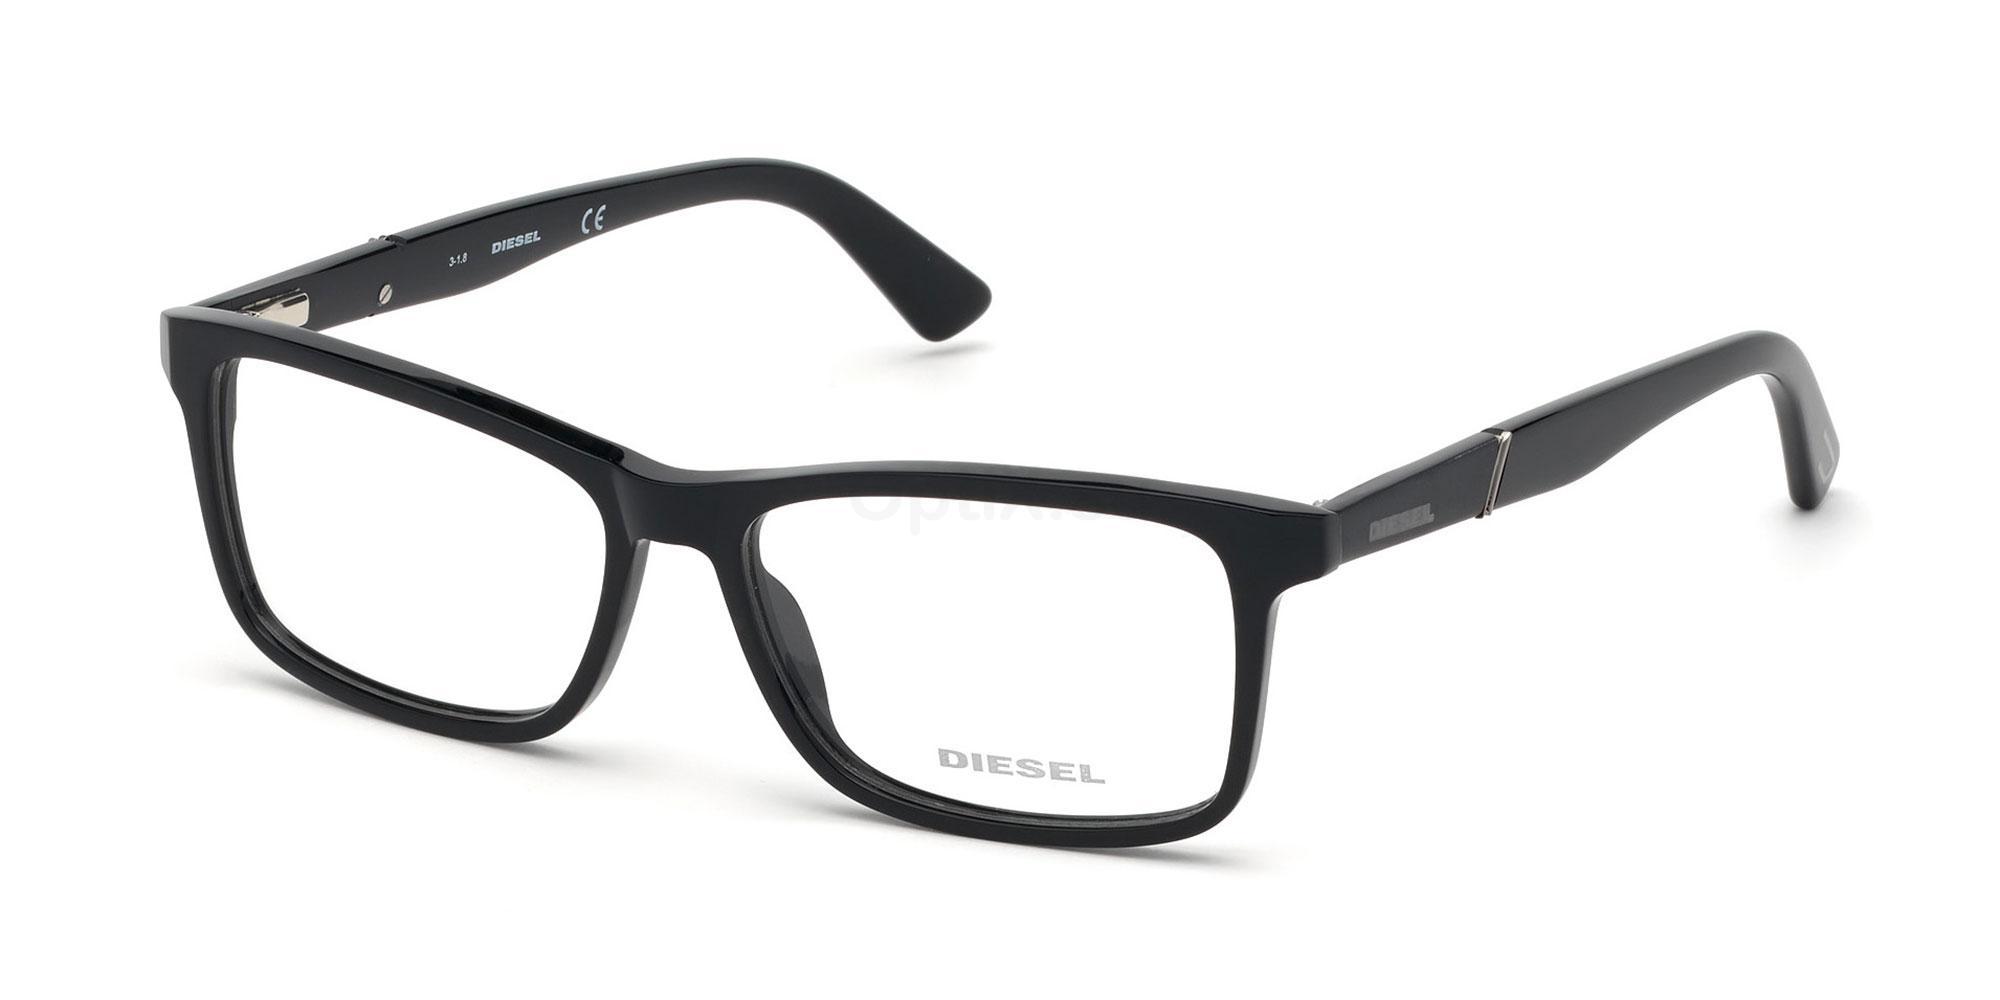 001 DL5294 Glasses, Diesel